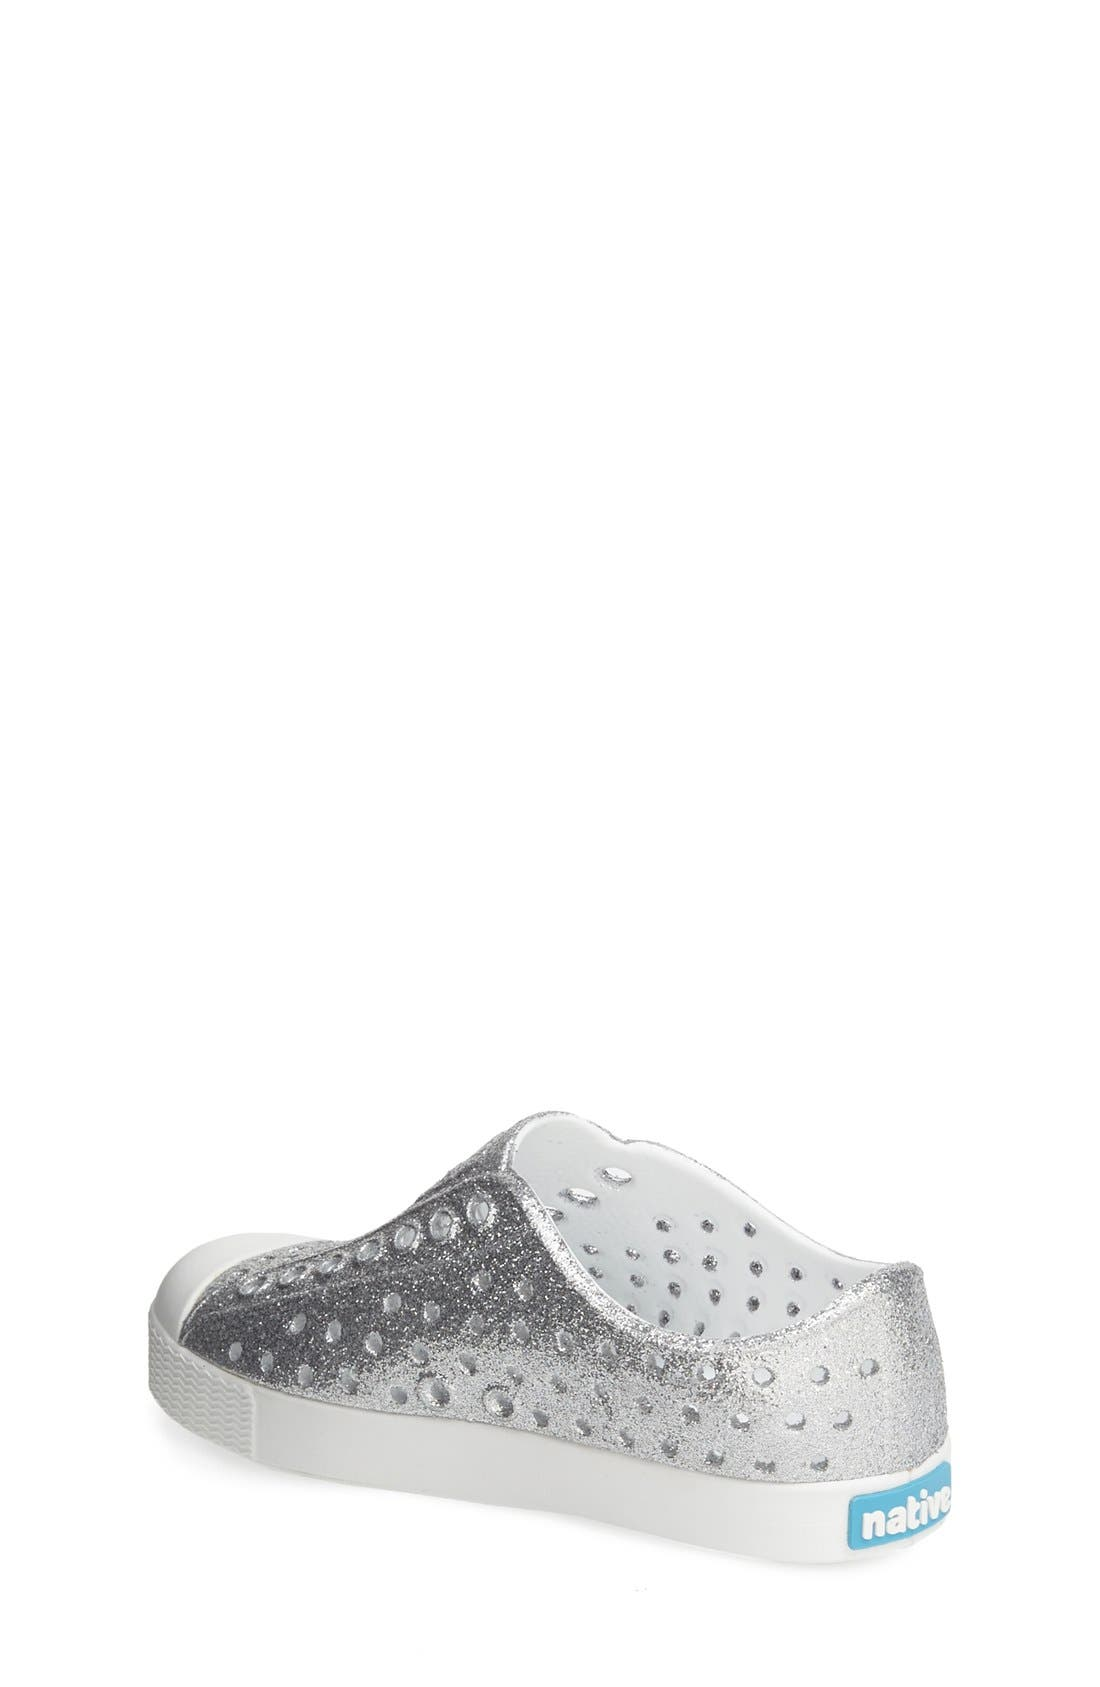 Alternate Image 2  - Native Shoes 'Jefferson - Bling' Slip-On Sneaker (Baby, Walker, Toddler & Little Kid)